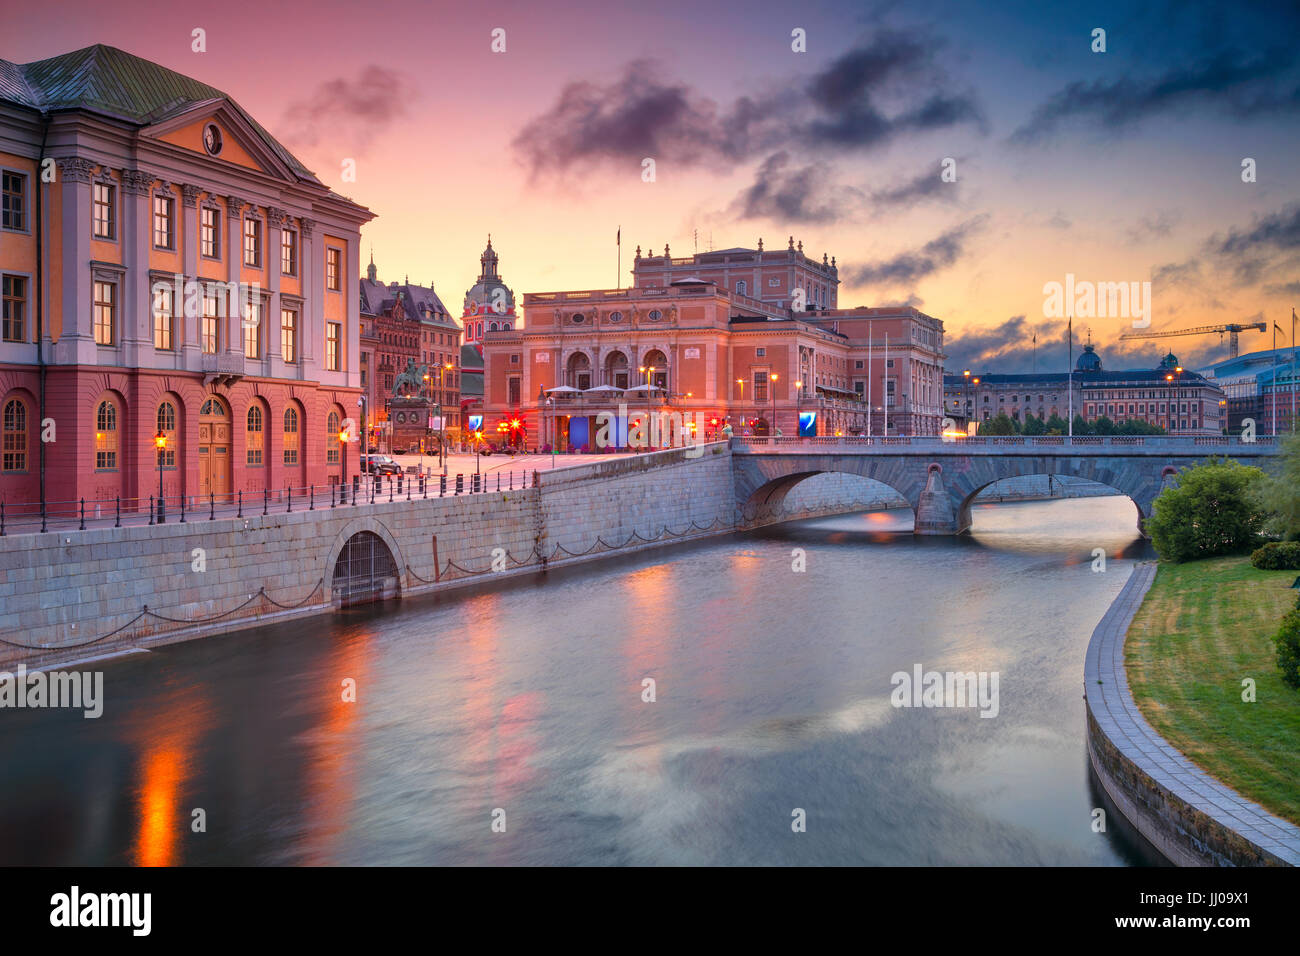 Stoccolma. Immagine della città vecchia di Stoccolma, in Svezia durante il sunrise. Foto Stock